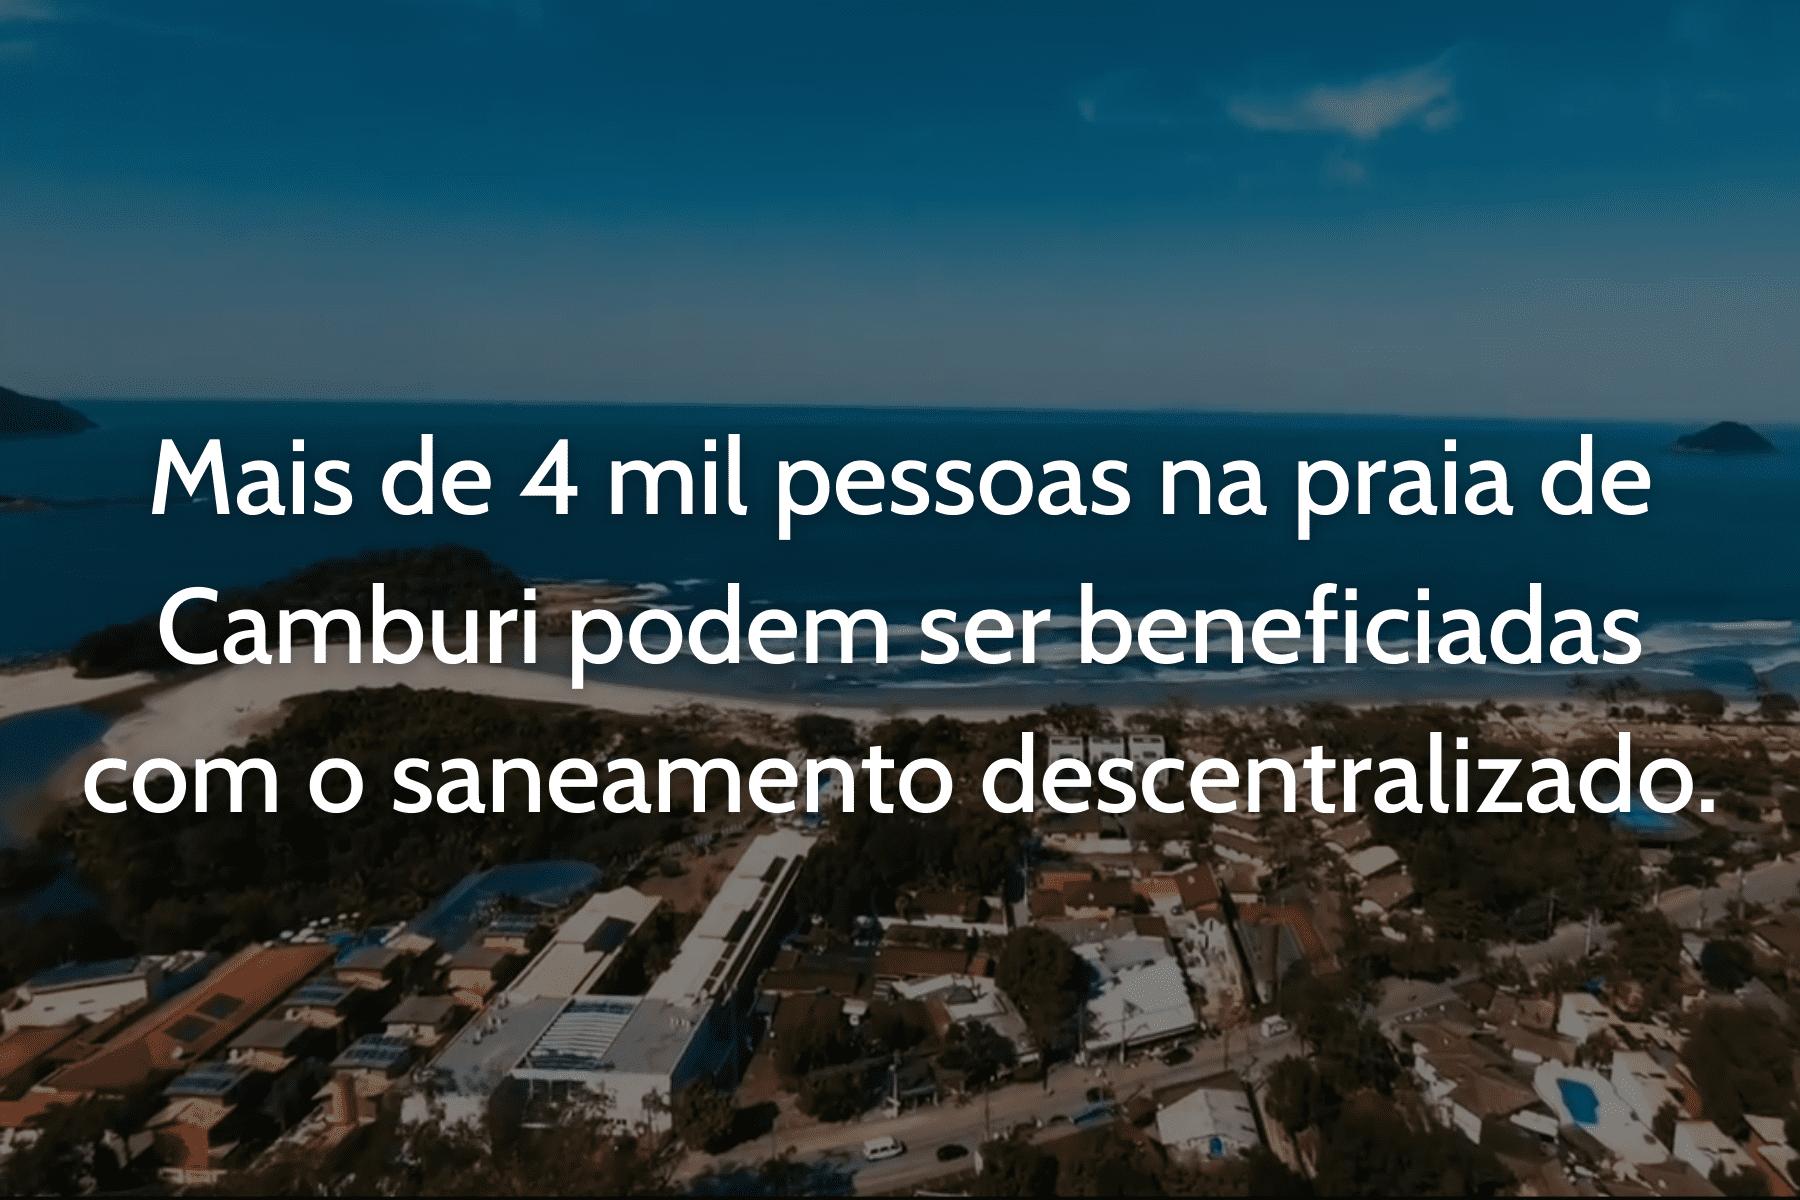 Projeto vai identificar sistemas descentralizados de tratamento de esgoto pautados por soluções ecológicas